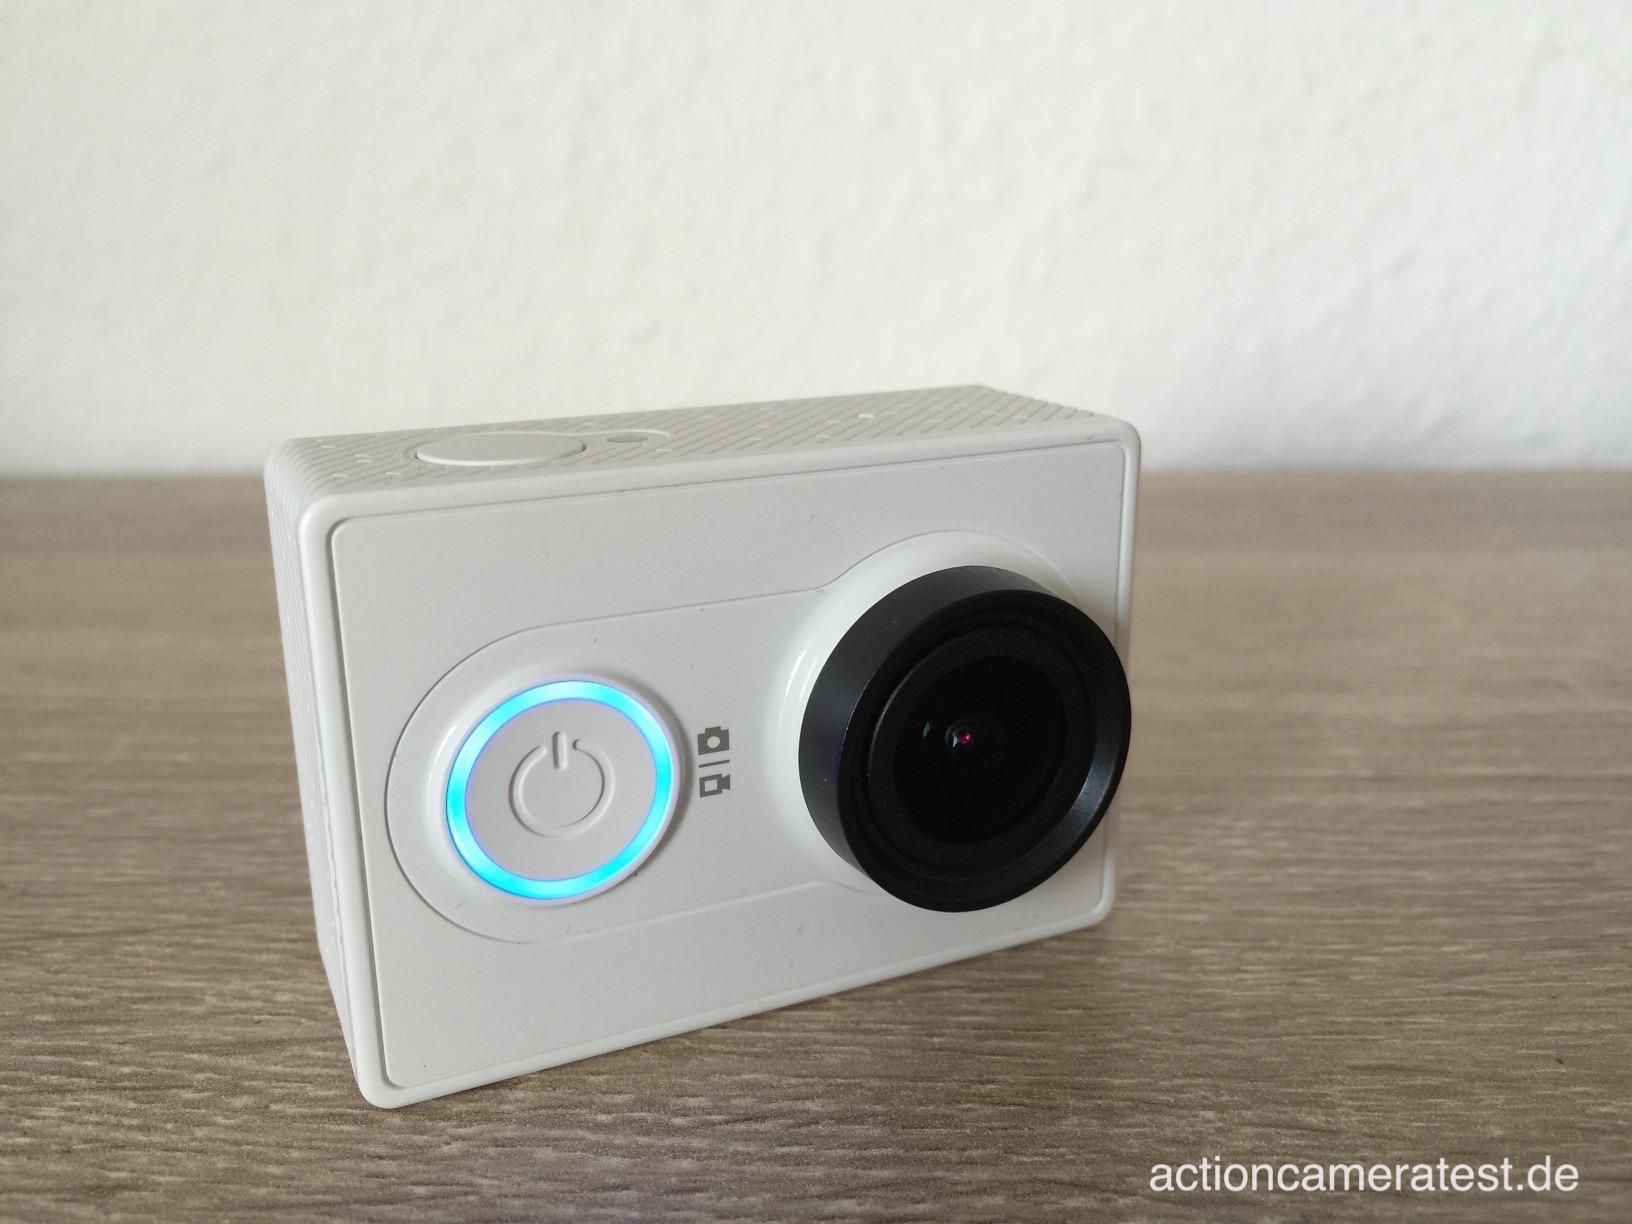 xiaomi-yi-action-camera-comprar2